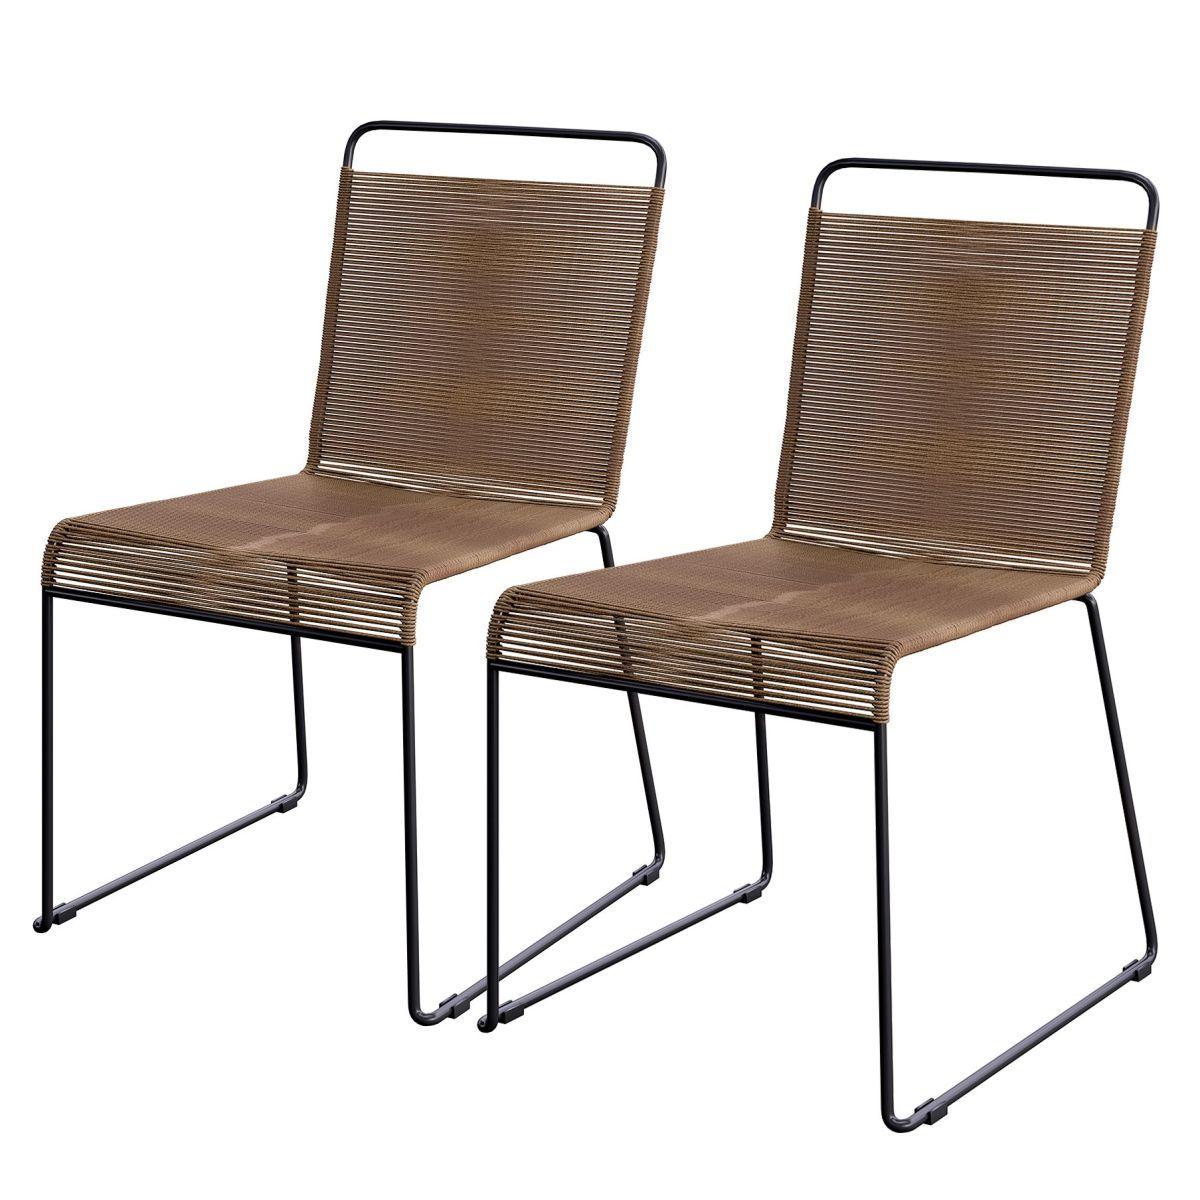 gartenstuhl klit 2er set polyrattan stahl braun schwarz ars natura jetzt bestellen. Black Bedroom Furniture Sets. Home Design Ideas